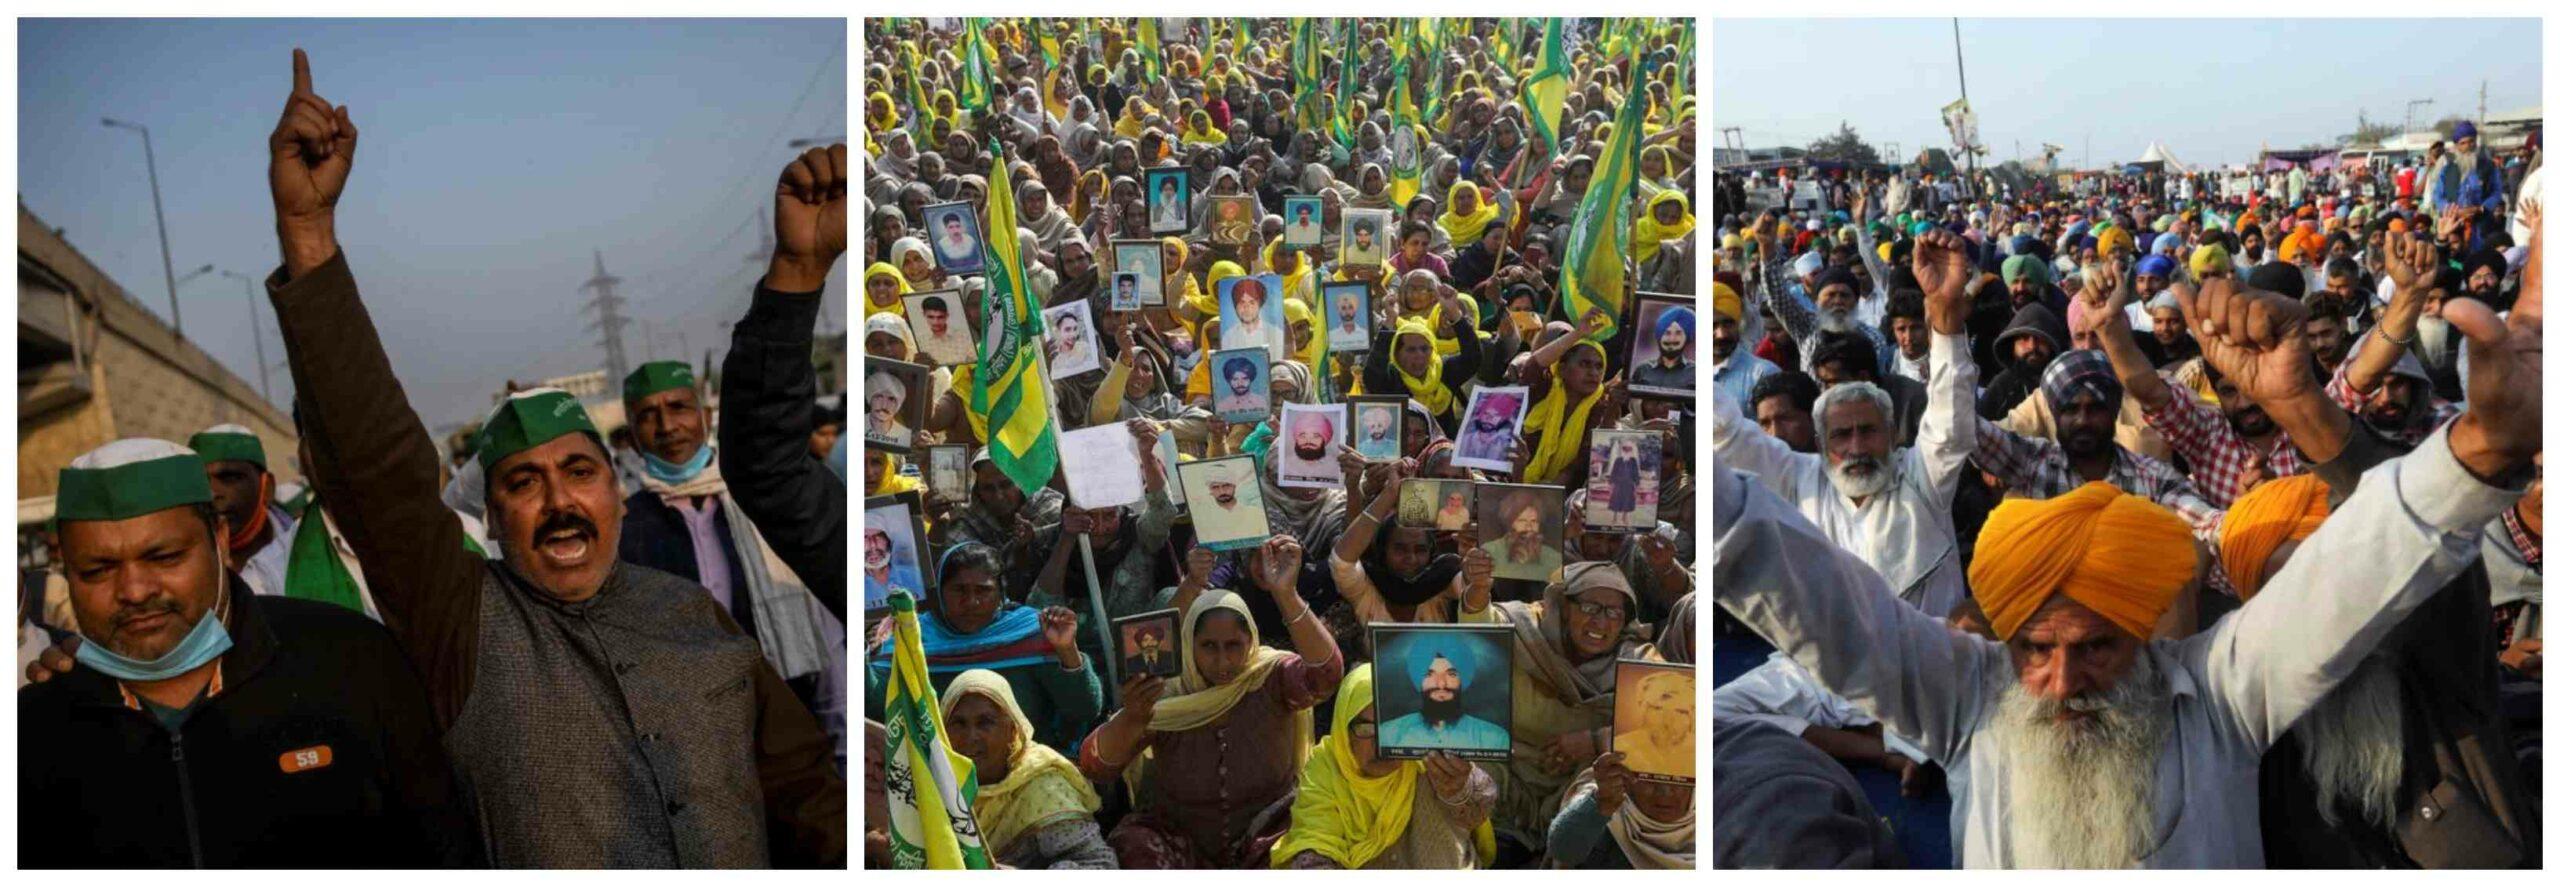 بھارتی کسانوں کے احتجاج کو عالمی سطح پر حمایت حاصل ہو رہی ہے، رپورٹ